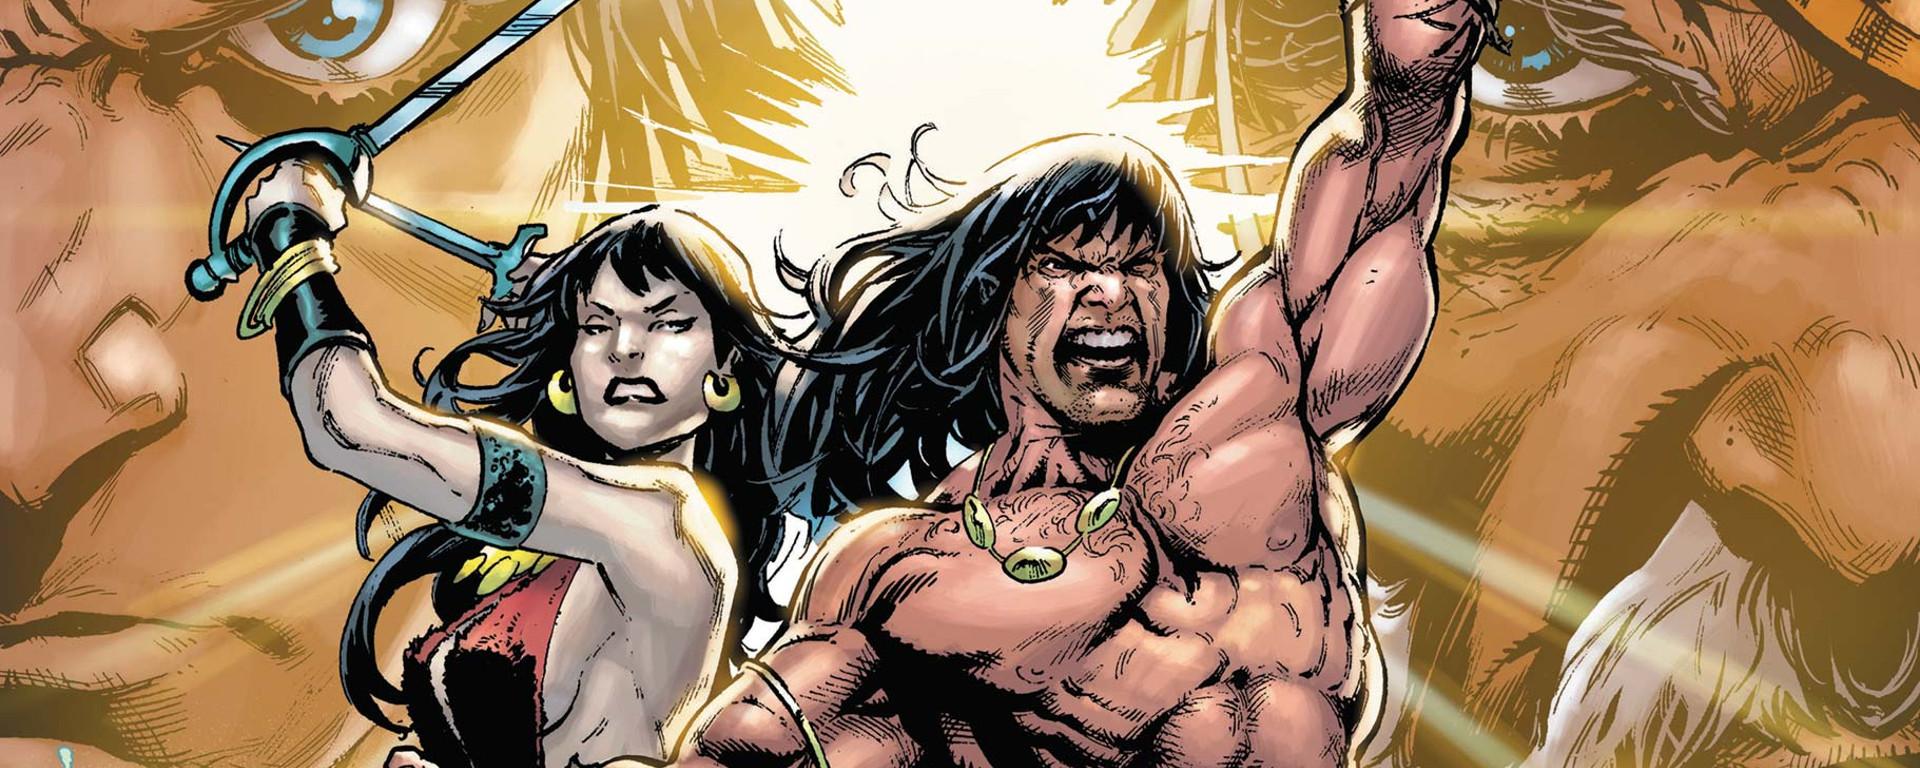 Conan The Barbarian #25 Header